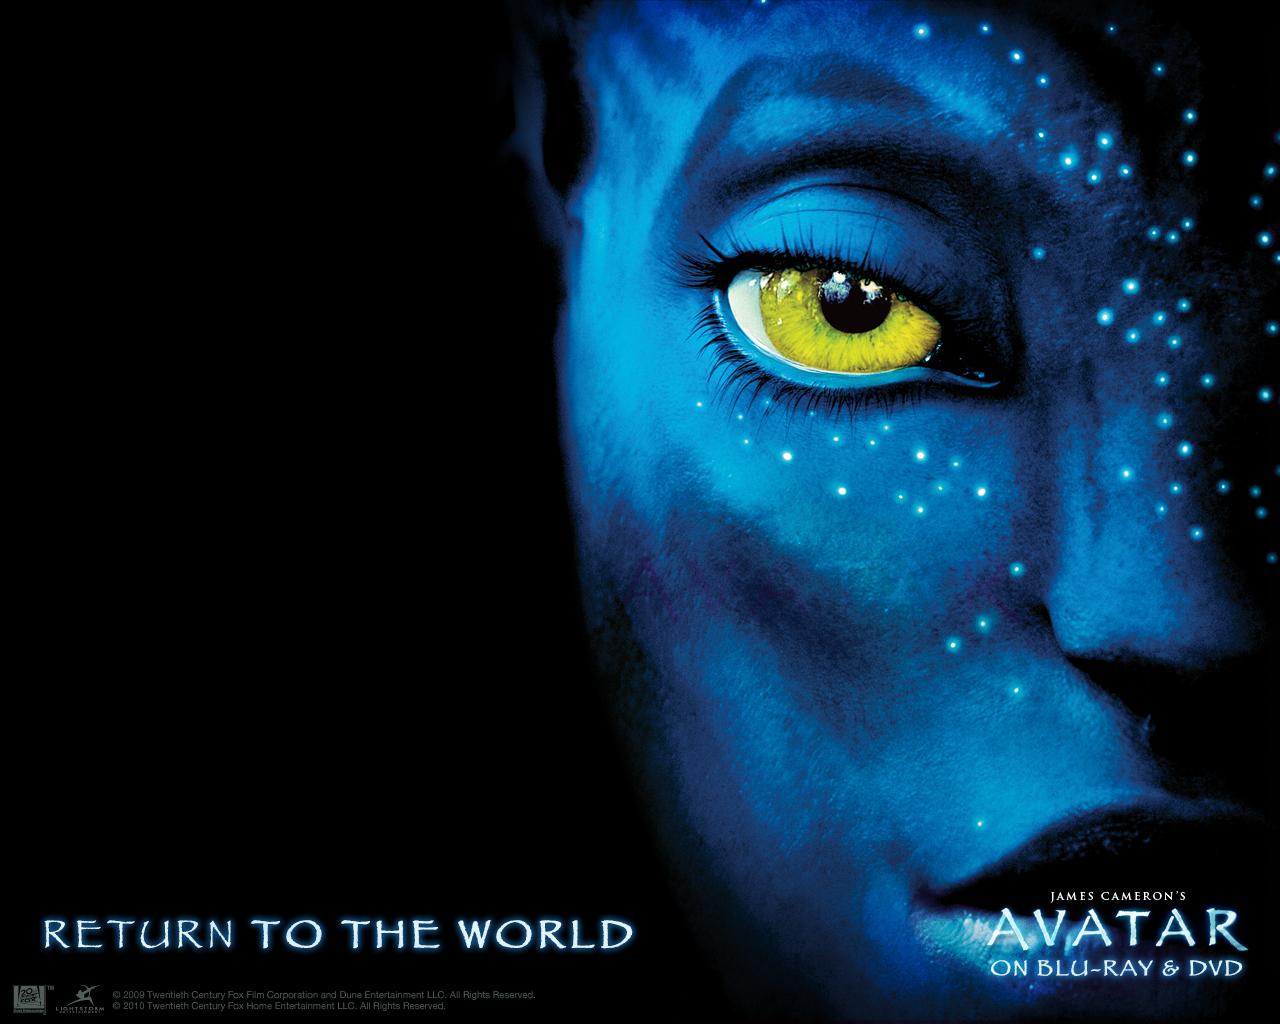 Iphone X Official Wallpaper Hd Download Neytiri From Avatar Desktop Wallpaper